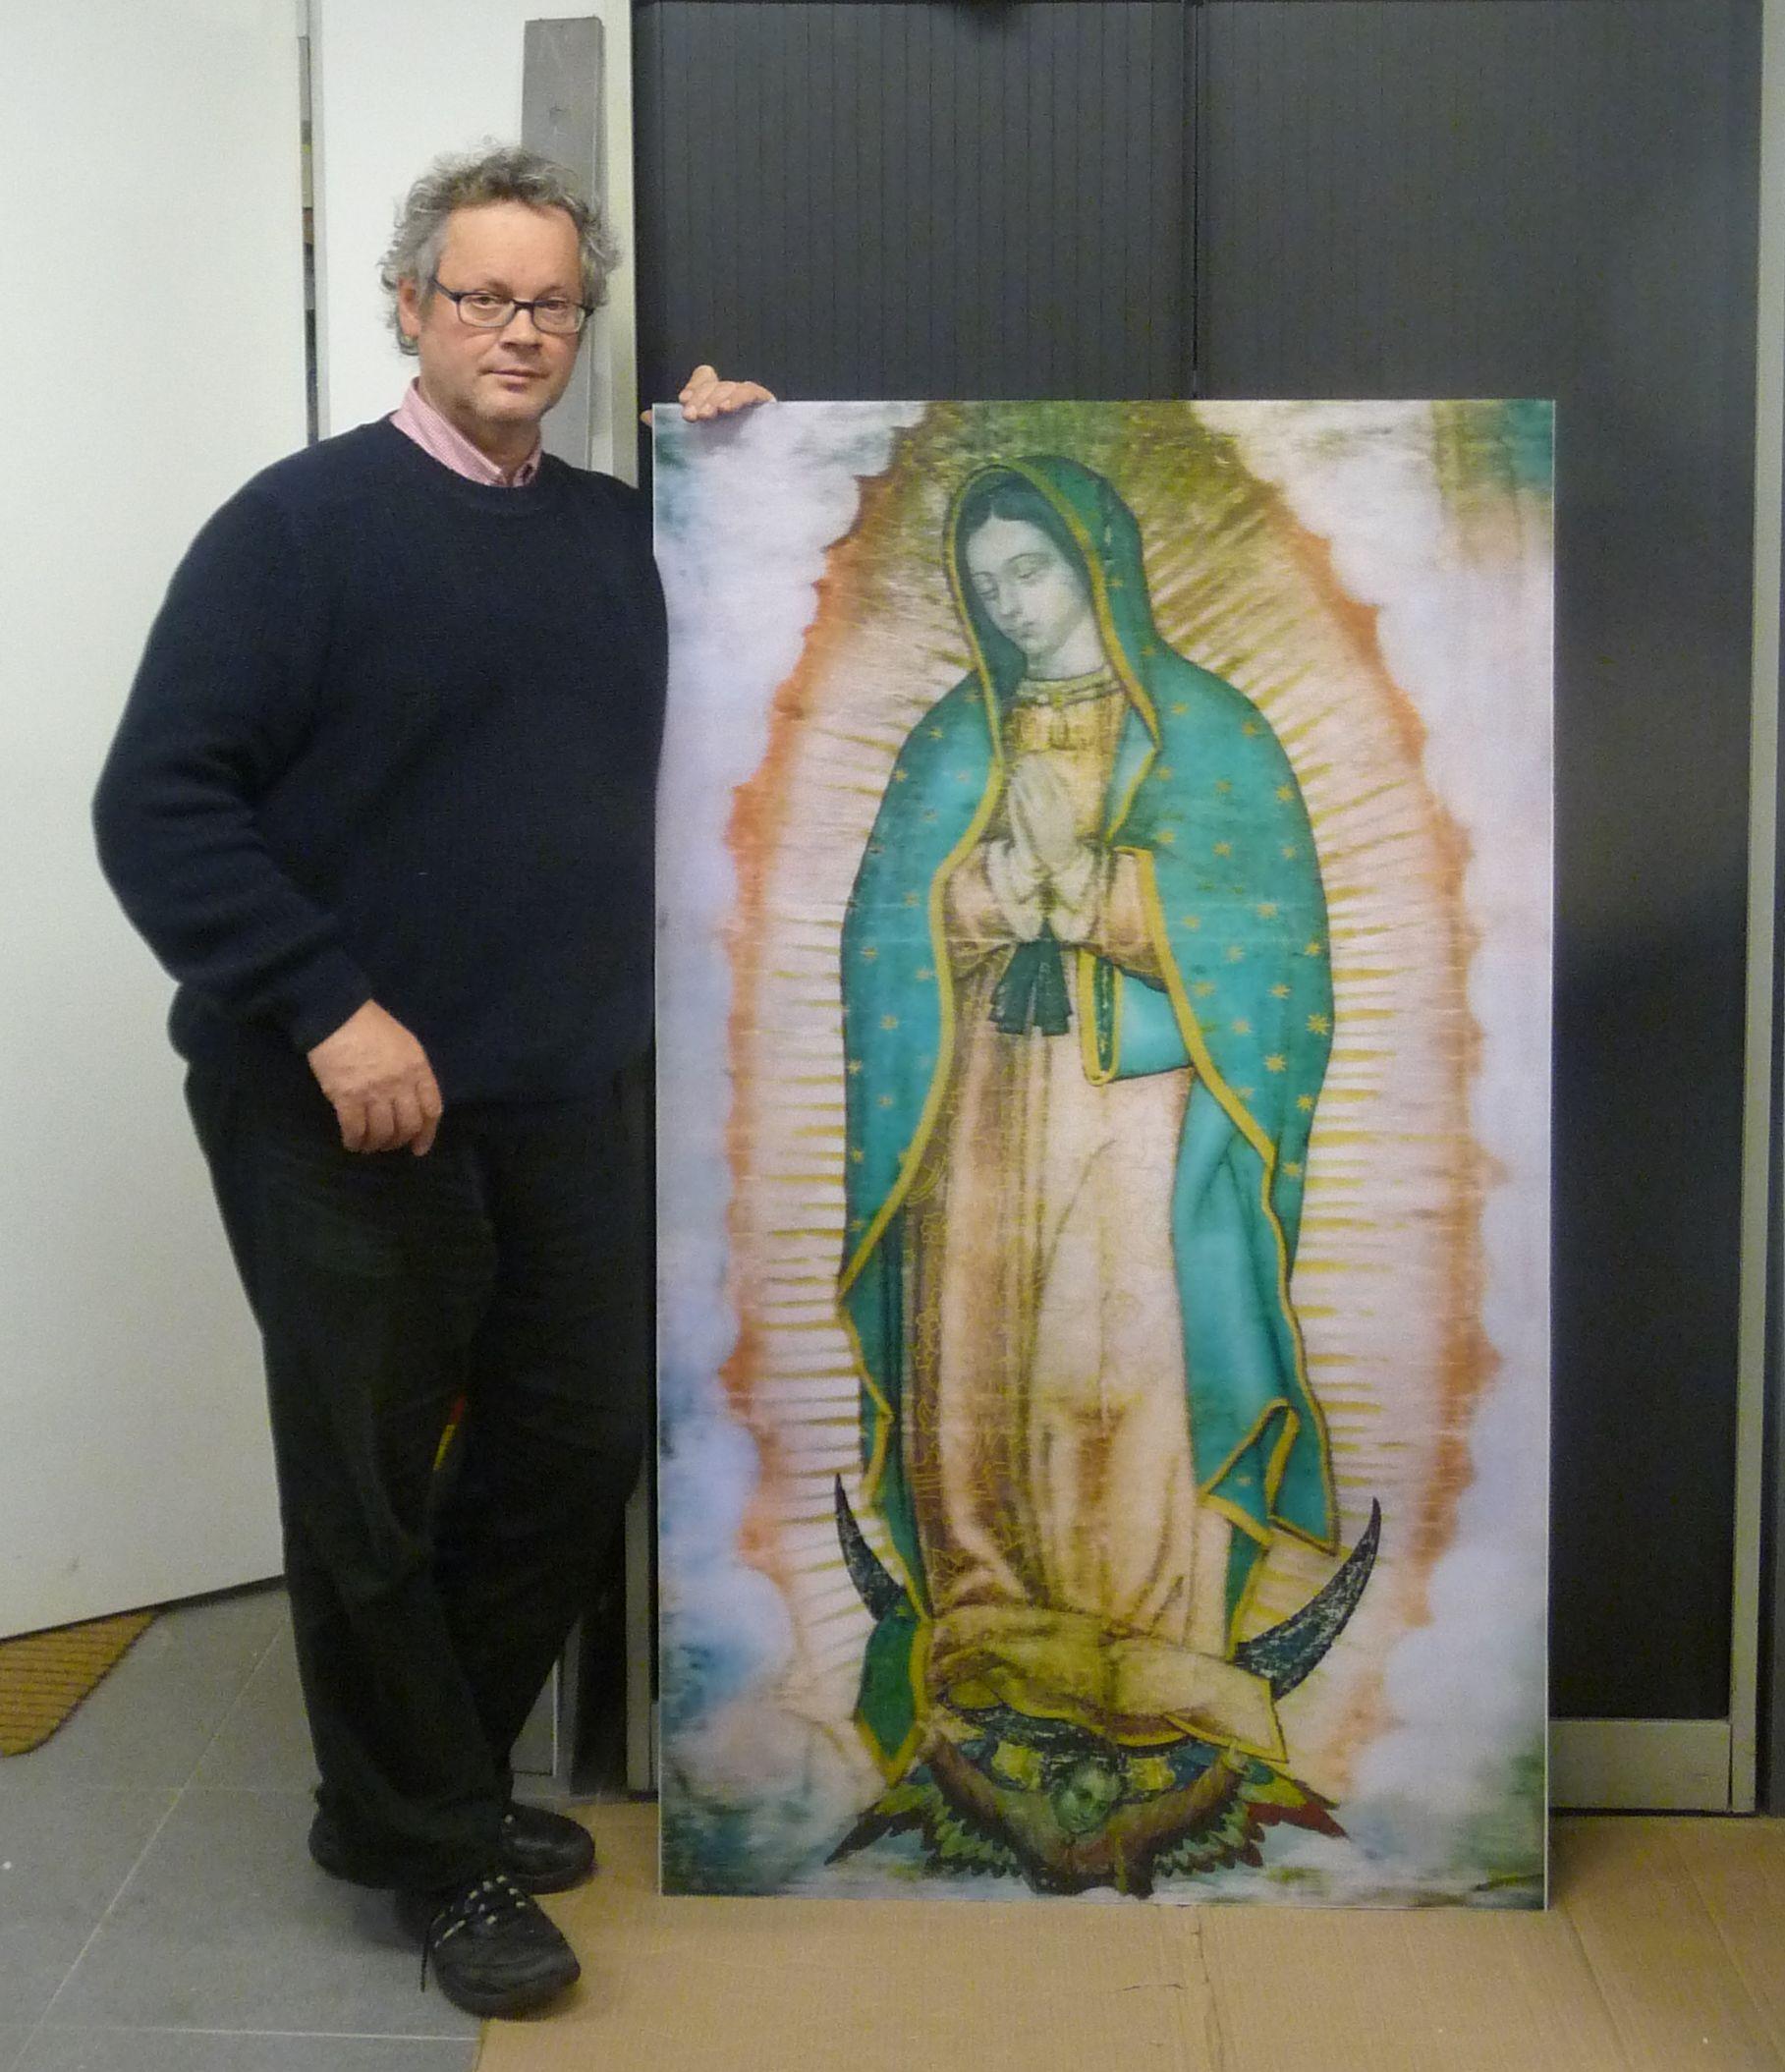 WALTER SPIERINGS with lenticular Virgen de Guadalupe